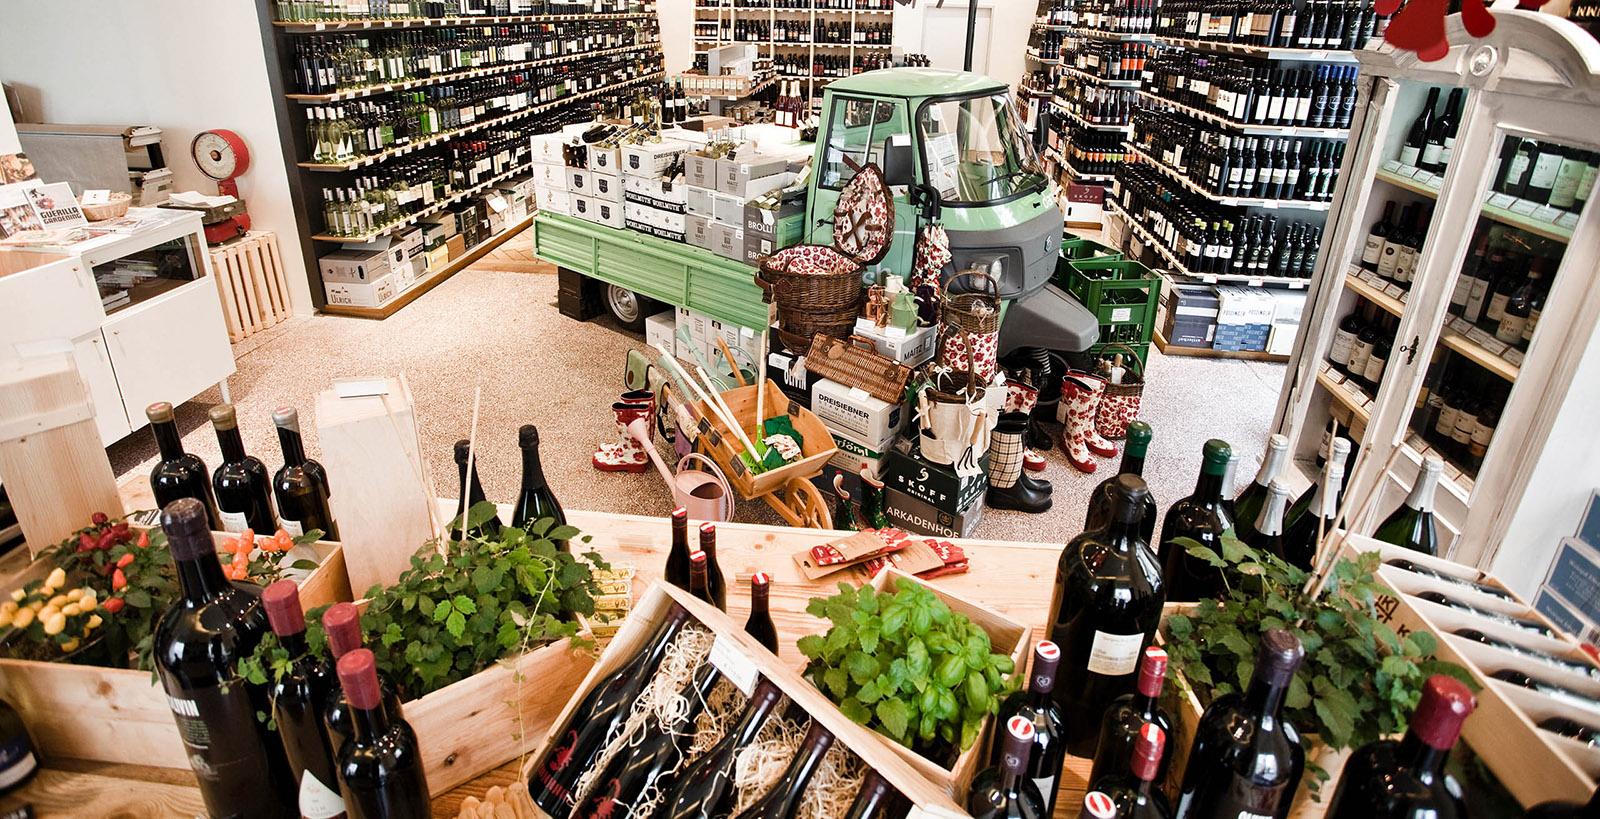 Der Steirer Shop Übersicht mit Wein und Kräutern